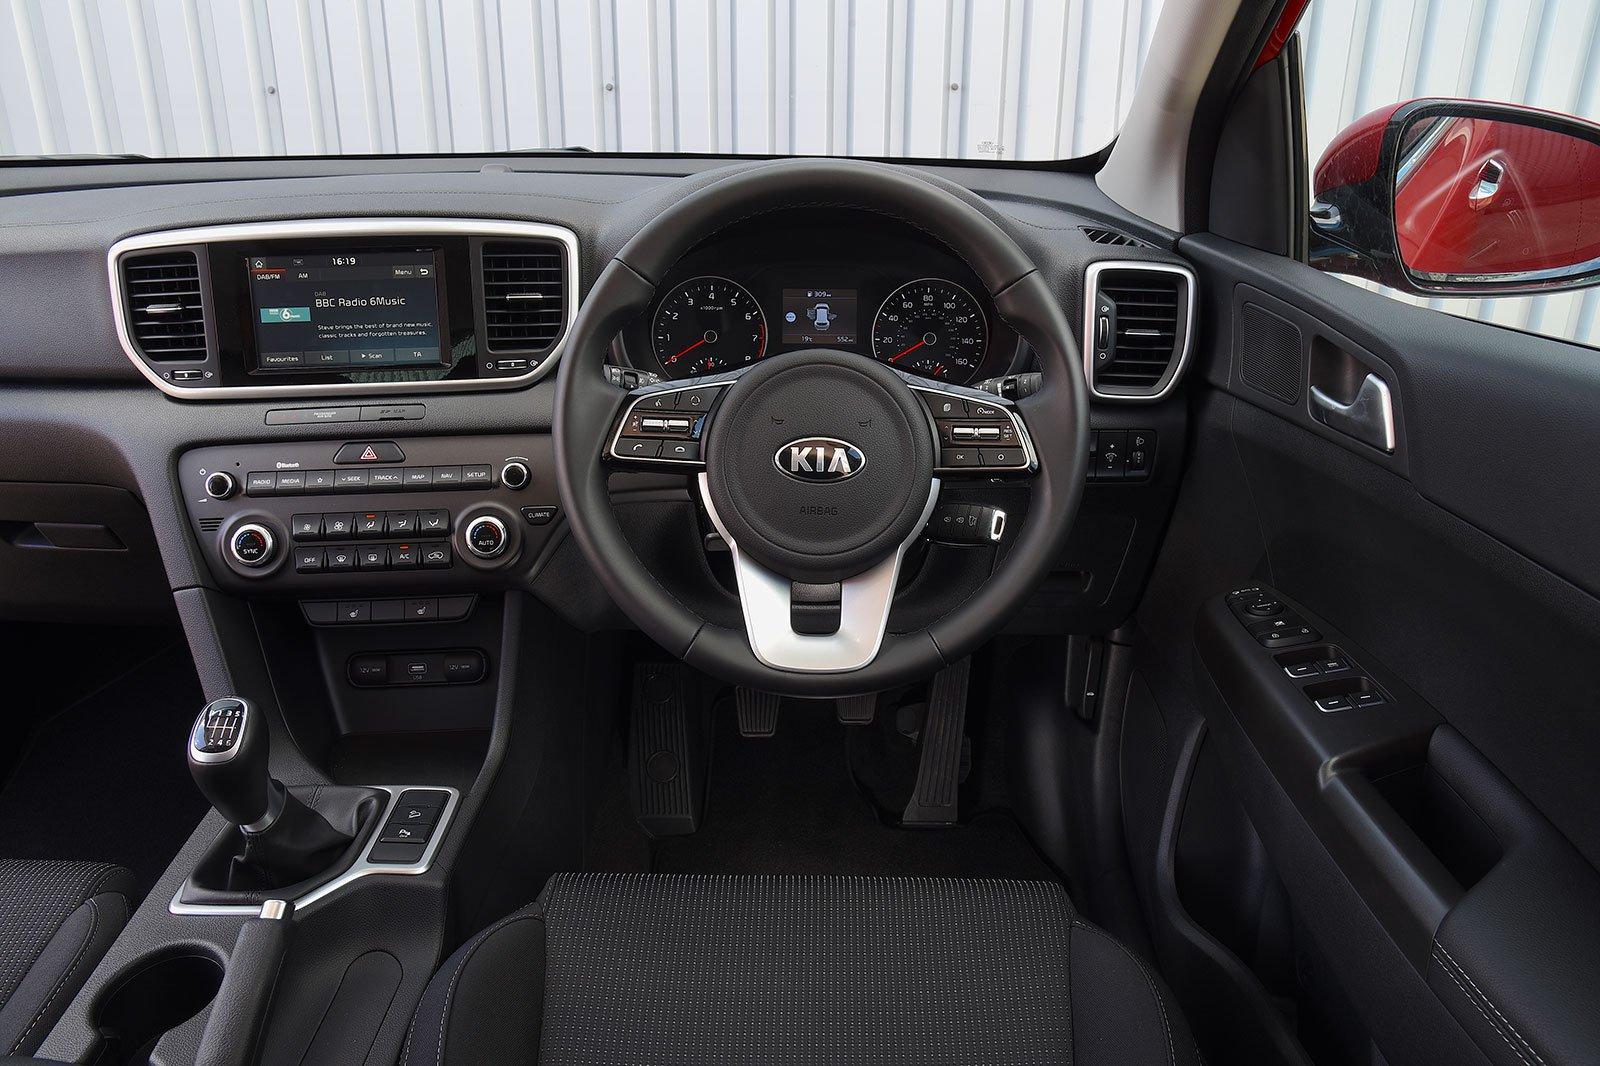 8: Kia Sportage 1.7 CRDi - interior